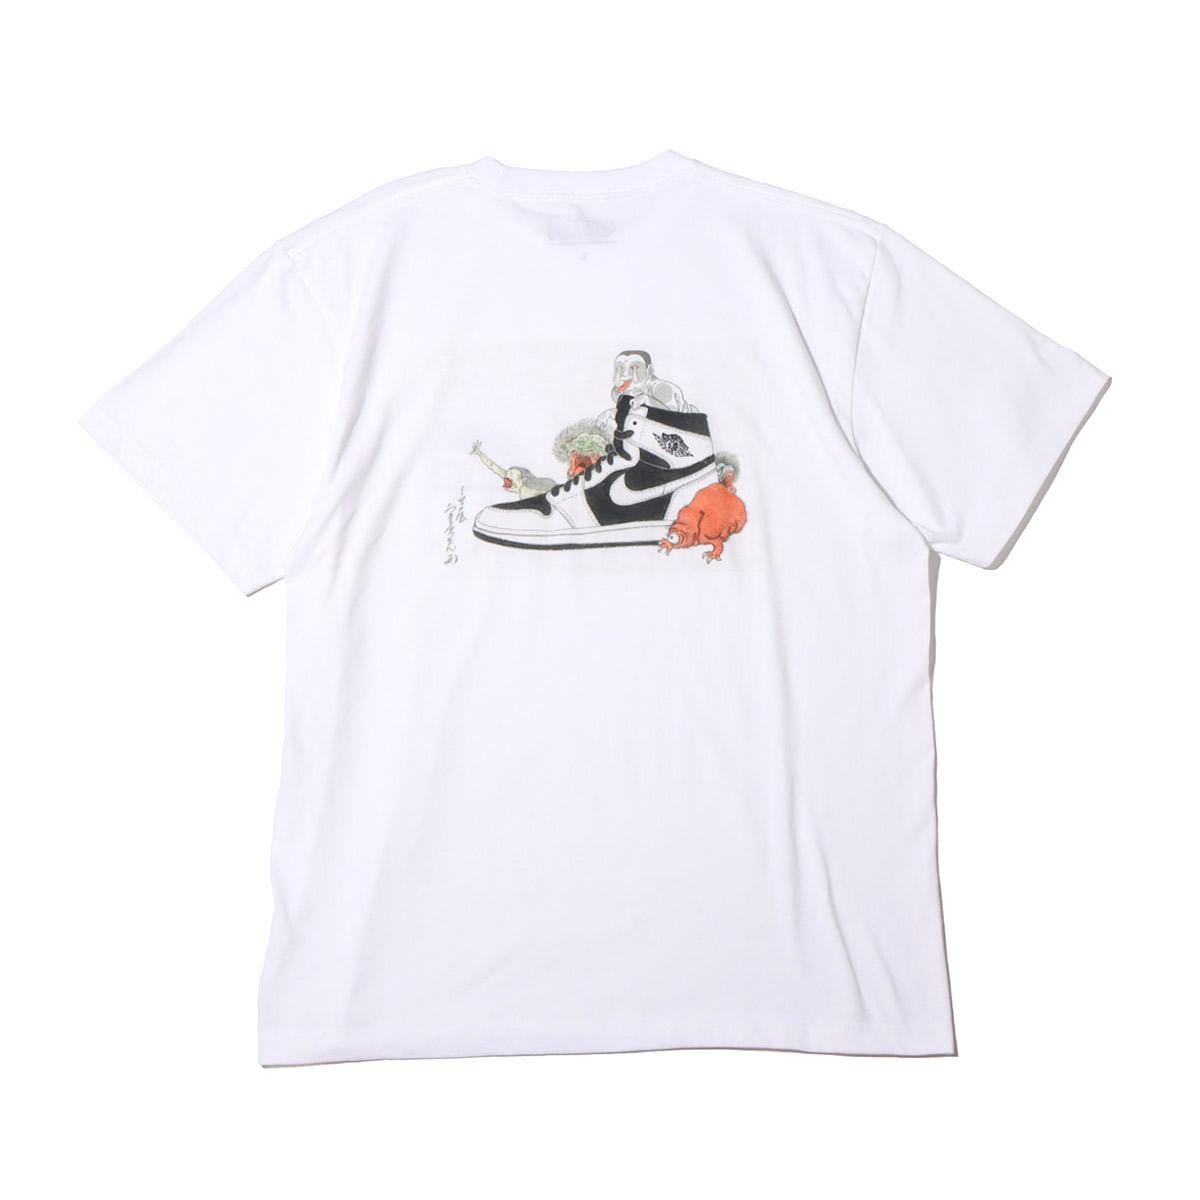 artrA(アルトラ) Tシャツ3